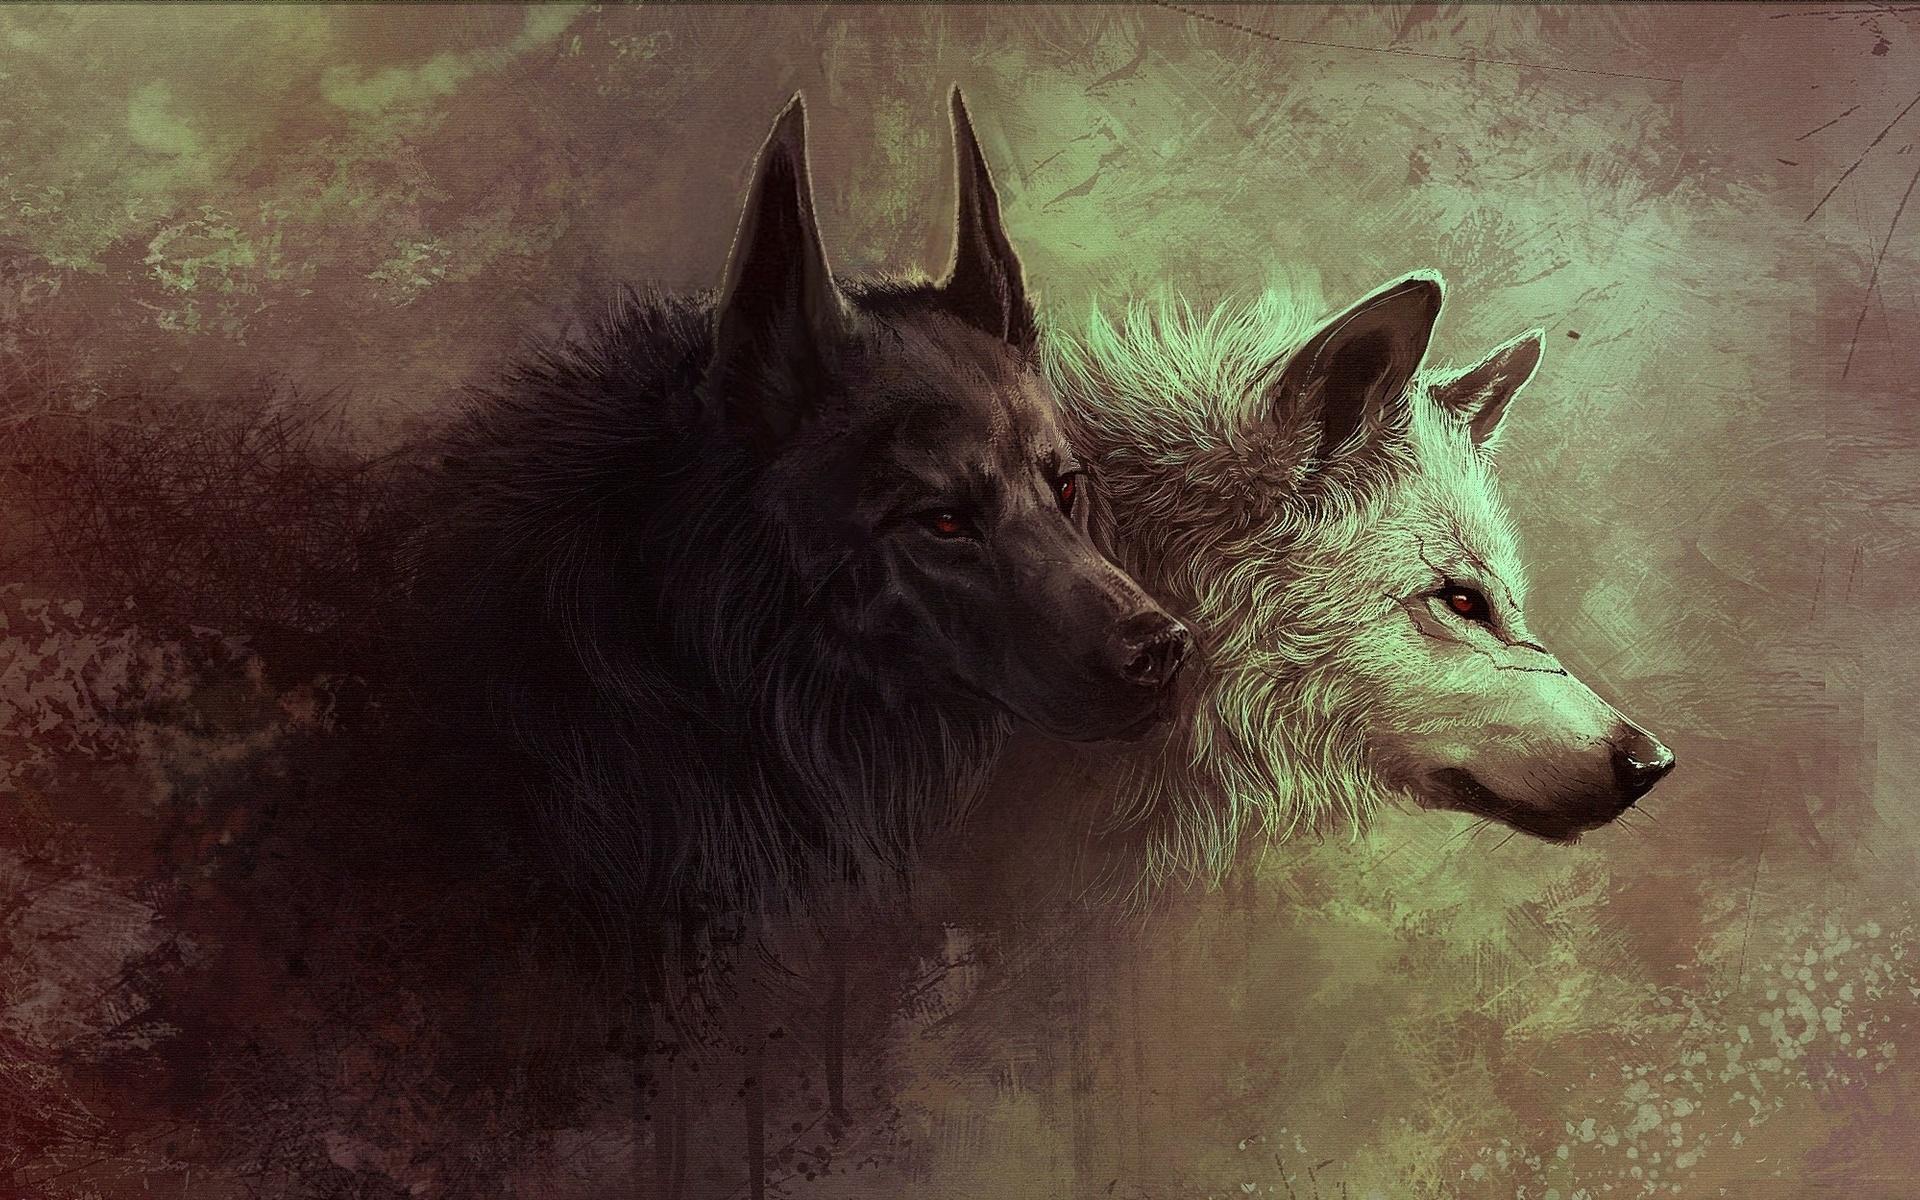 Картинки для фона телефона волки